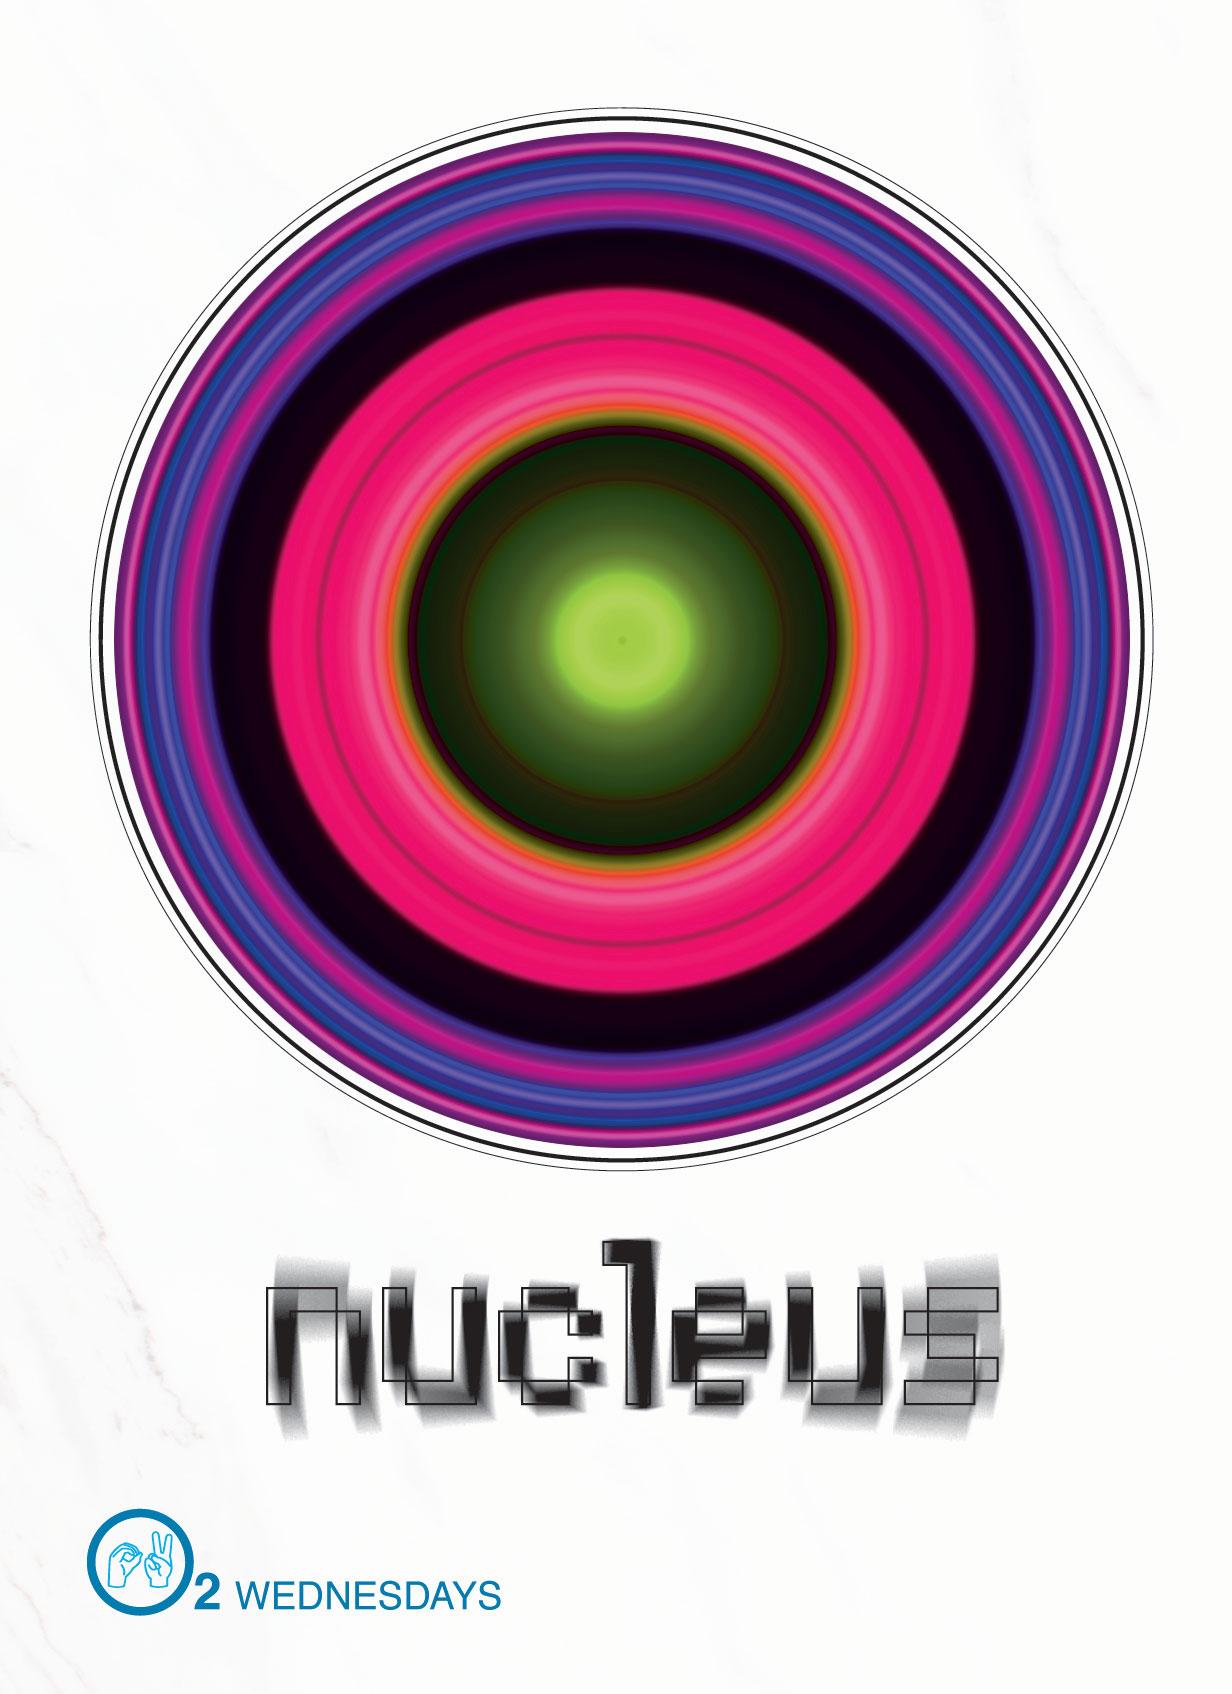 edm_O2_nucleus